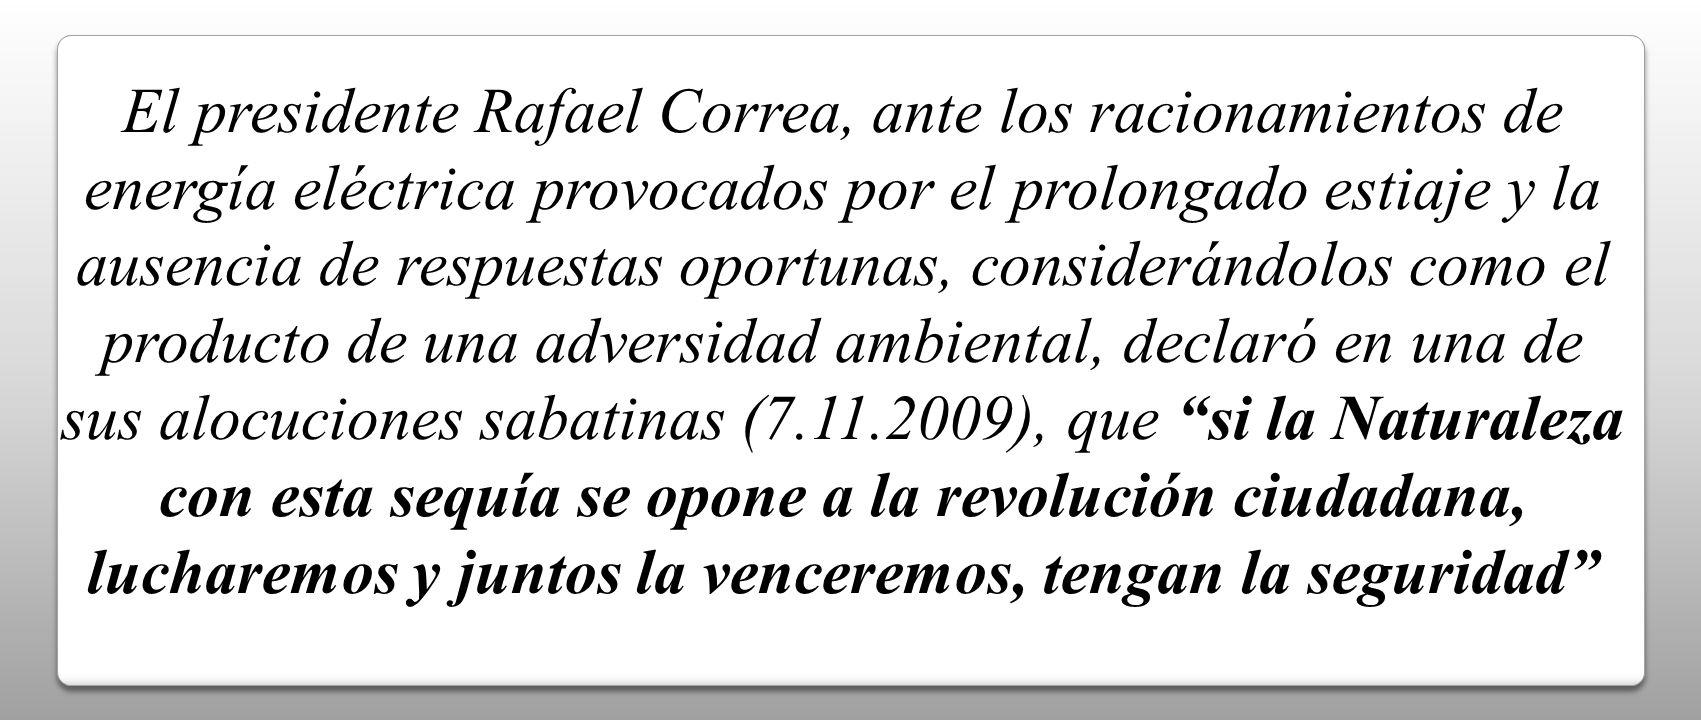 El presidente Rafael Correa, ante los racionamientos de energía eléctrica provocados por el prolongado estiaje y la ausencia de respuestas oportunas,